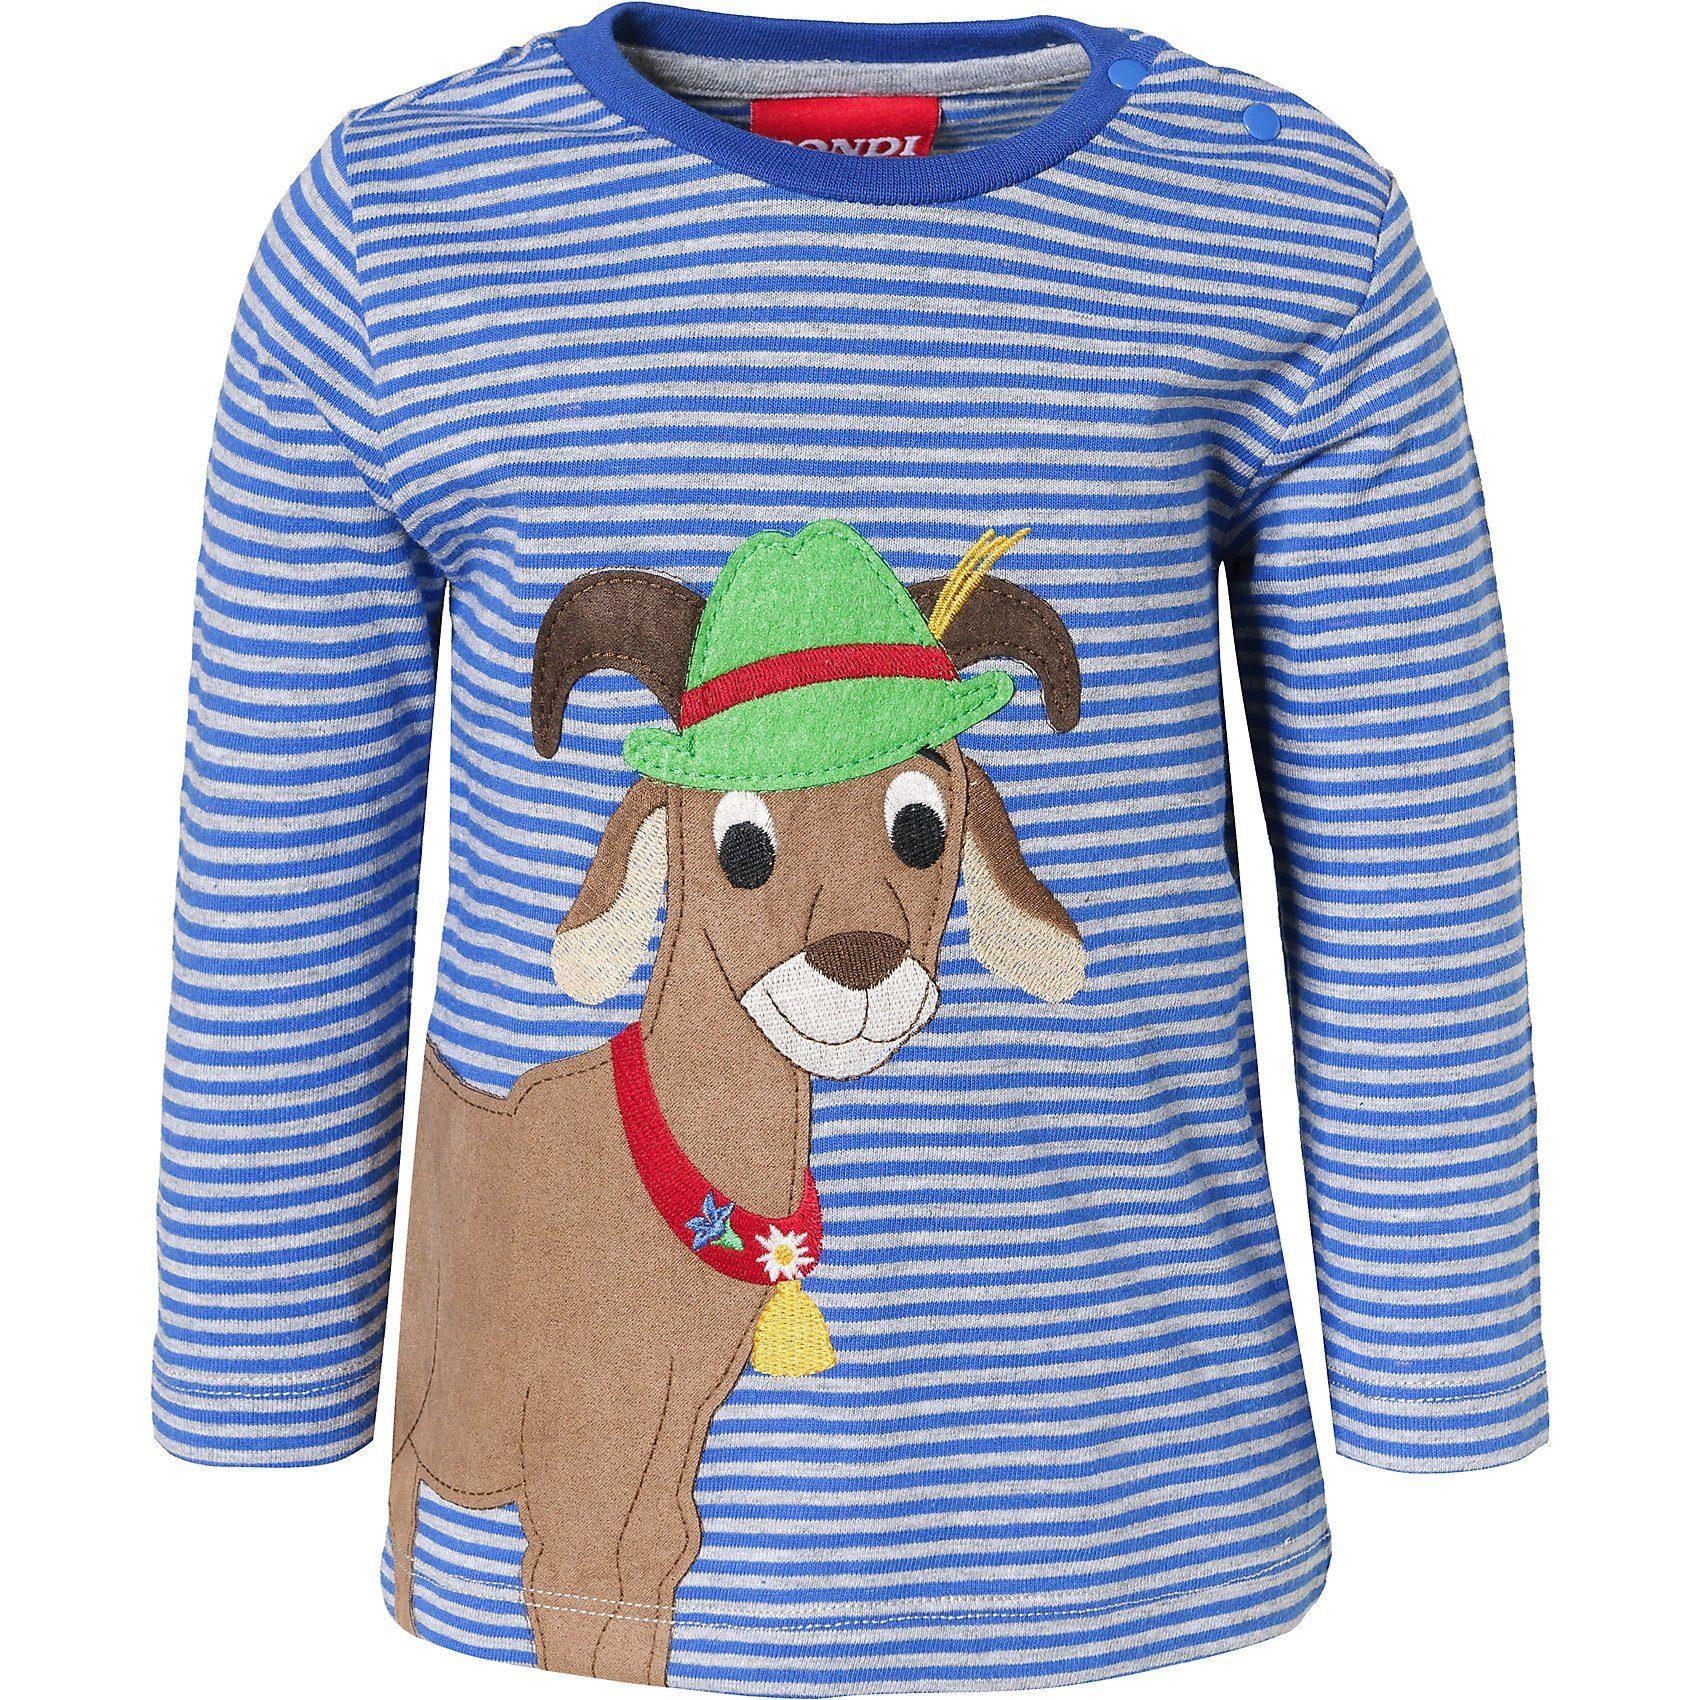 BONDI Baby Langarmshirt für Jungen, zeitloses Streifendessin online kaufen   OTTO